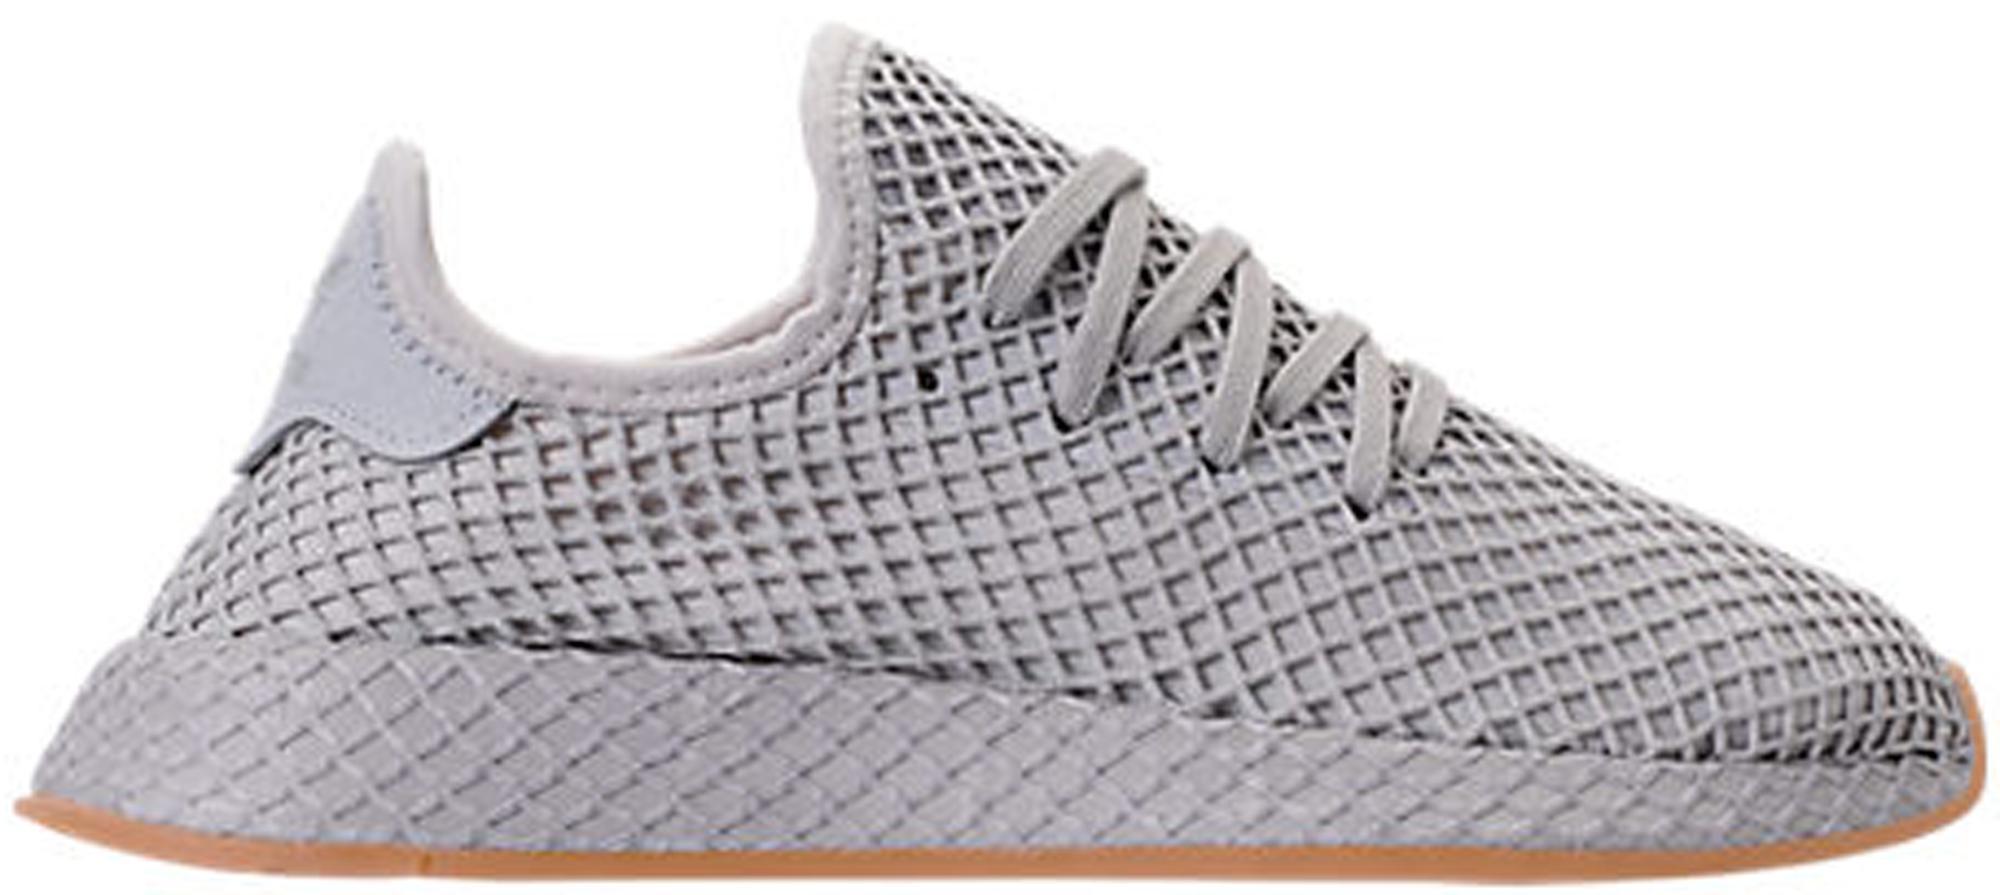 adidas Deerupt Muted Neons Grey Three